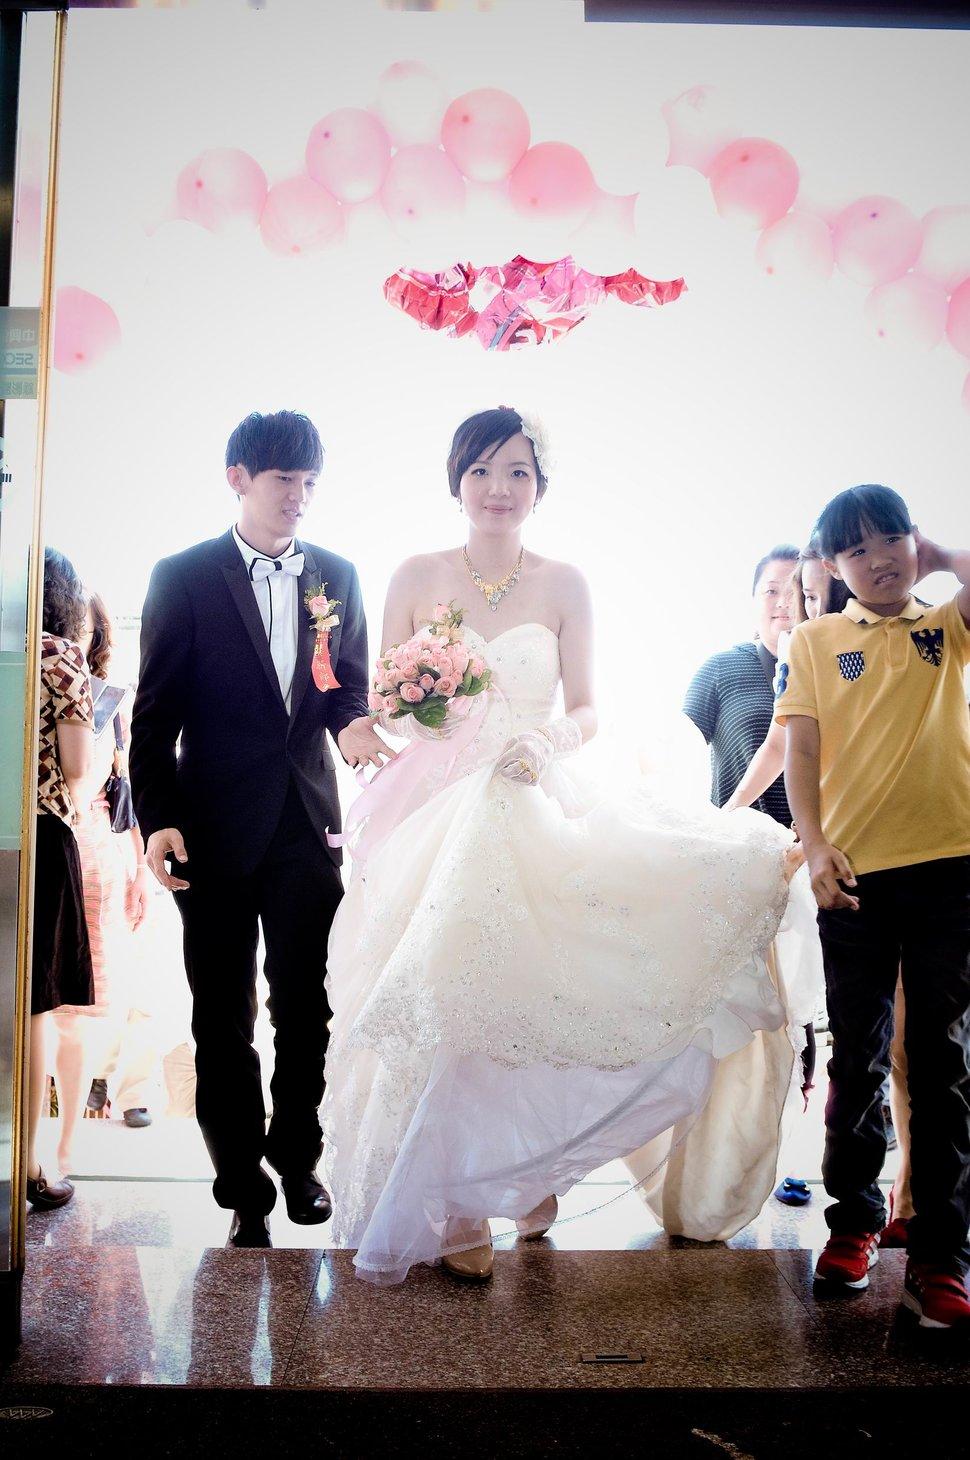 台中天野養生餐廳婚禮記錄婚禮記錄動態微電影錄影專業錄影平面攝影(編號:196463) - 蜜月拍照10800錄影12800攝影團隊 - 結婚吧